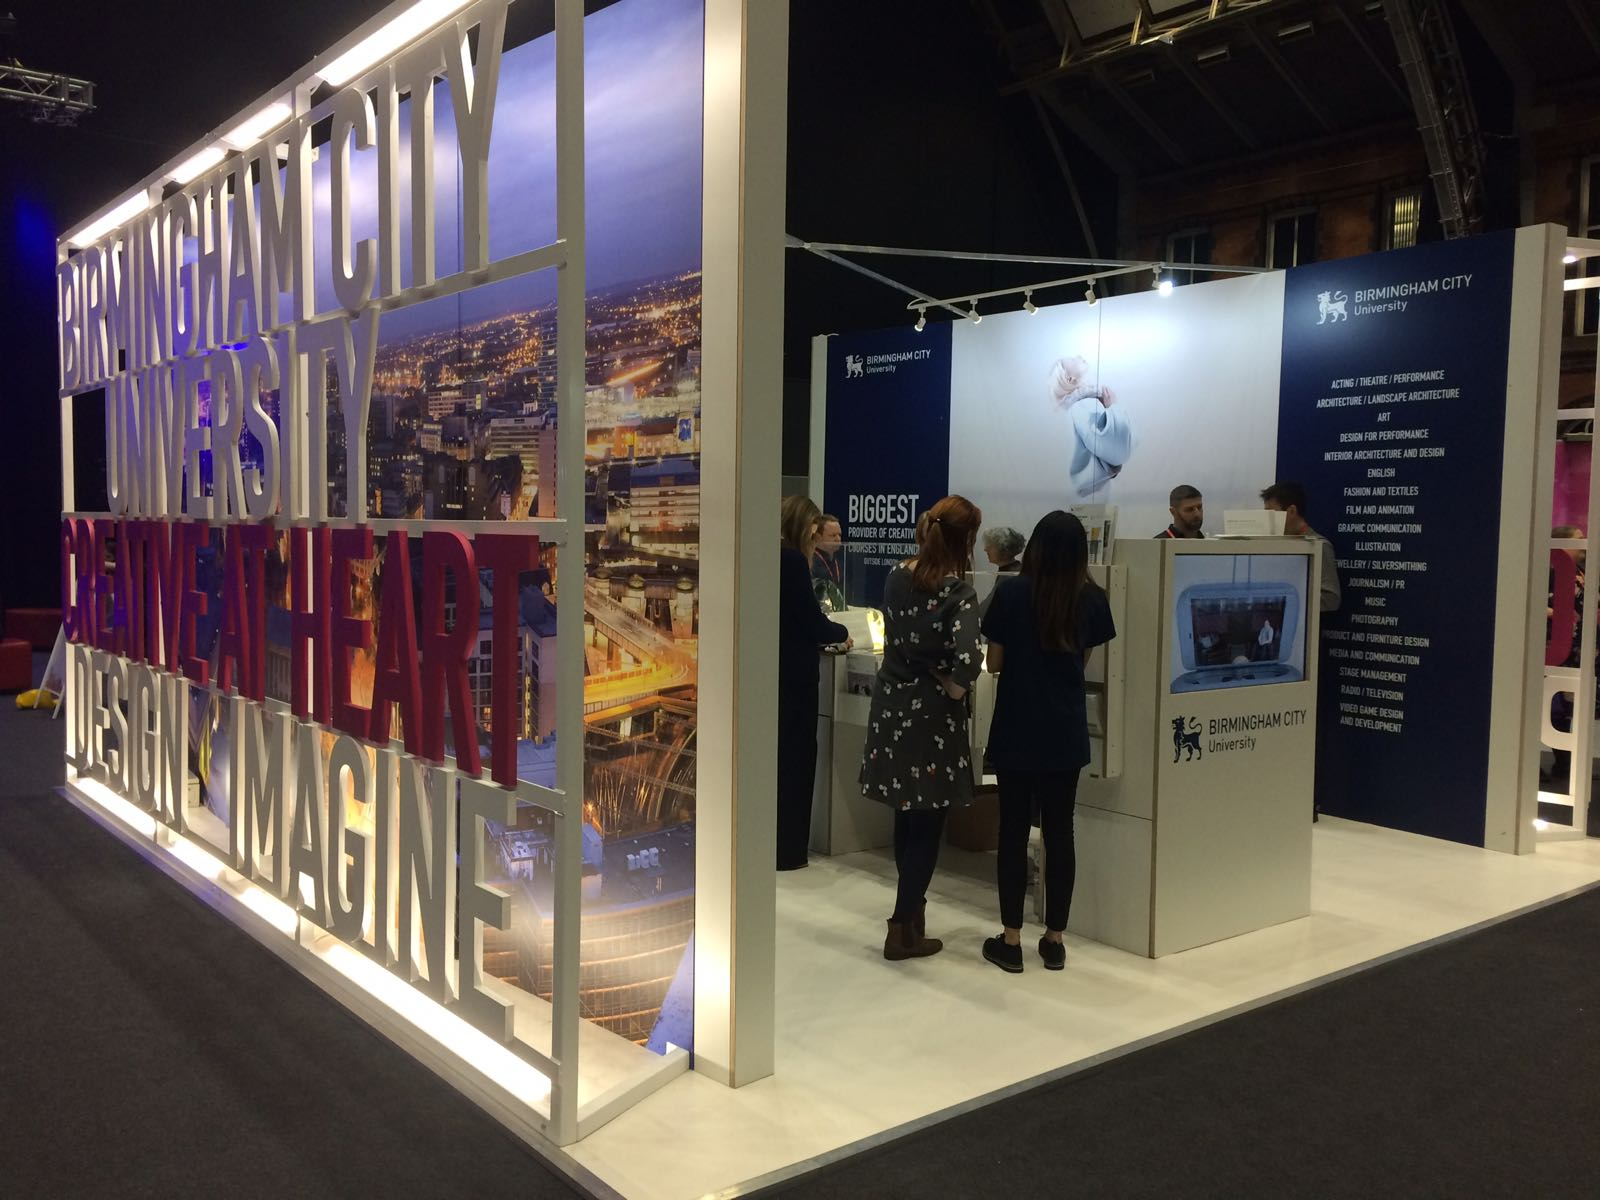 Exhibition Stand Design Birmingham : Plane structure birmingham city university exhibition stand